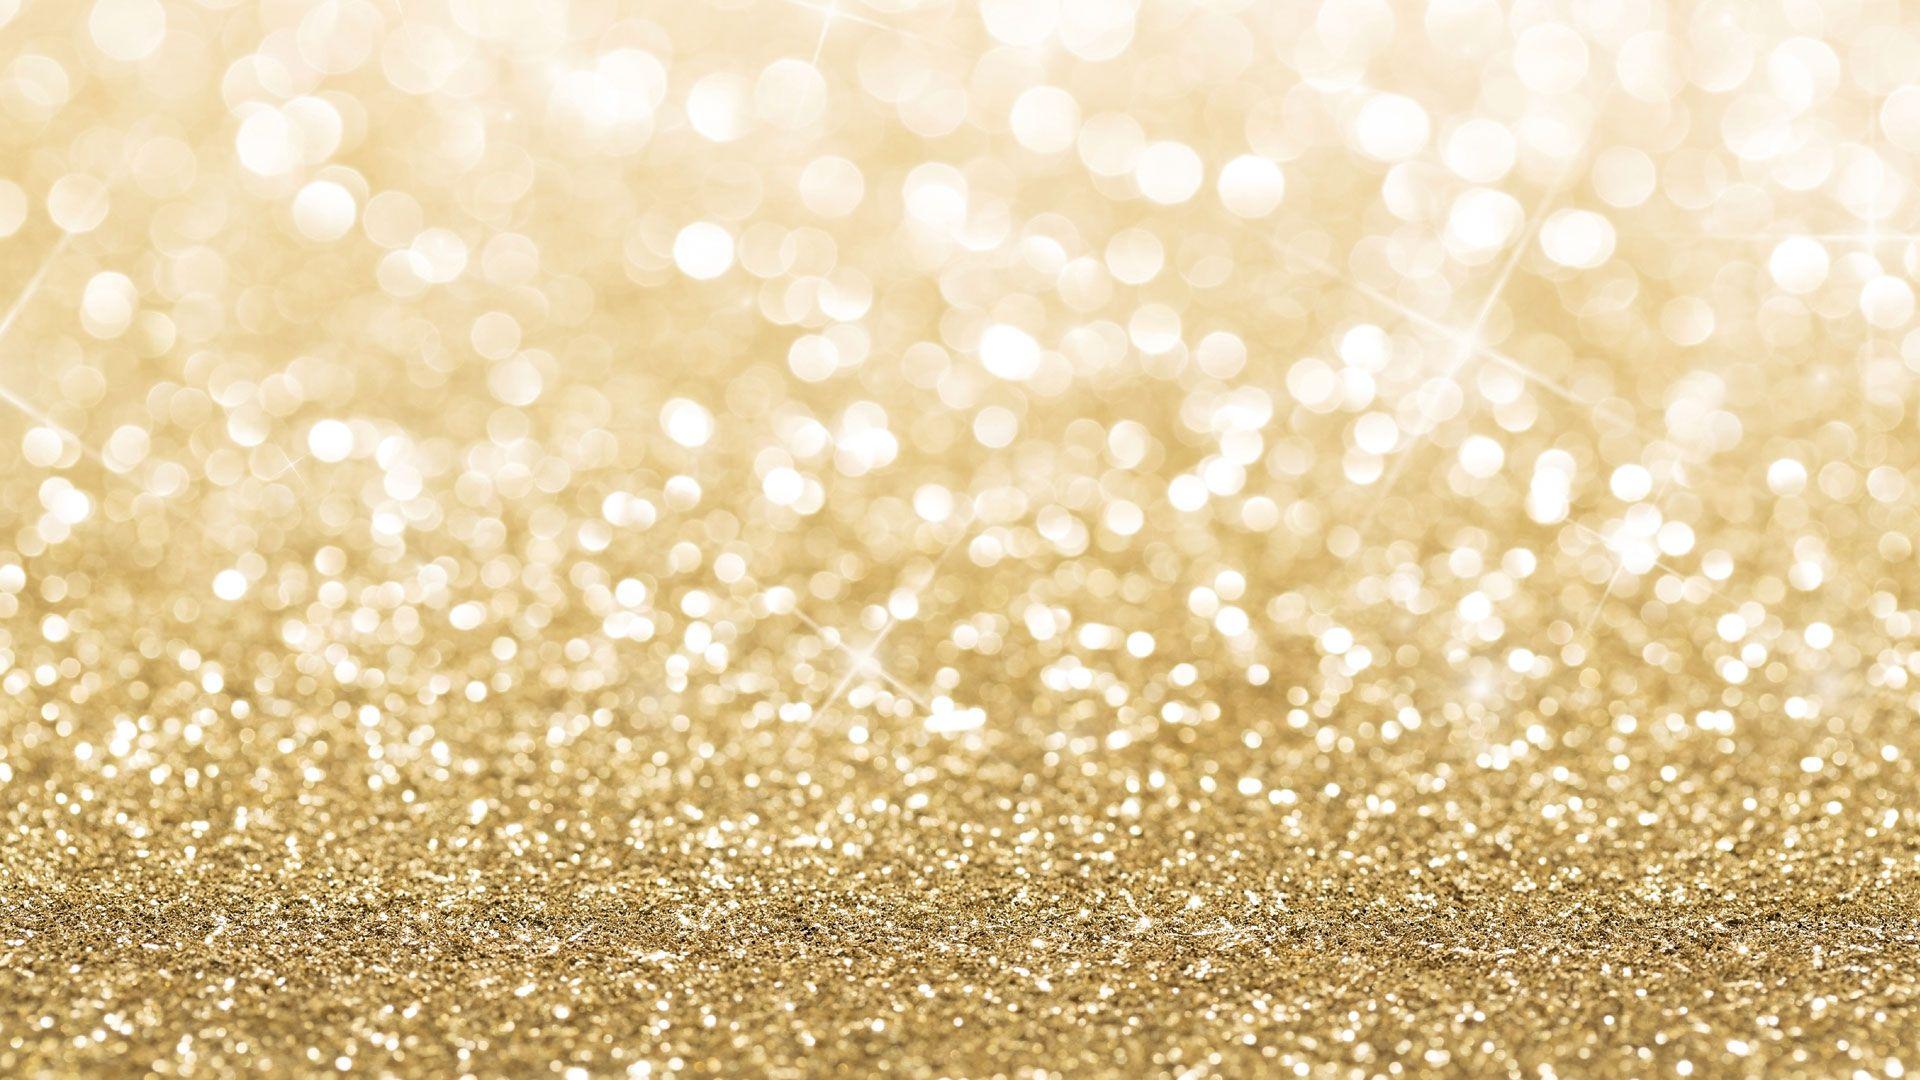 Gold Glitter Full Hd Wallpaper 1920x1080 Glitter Background Gold Glitter Background Glitter Wallpaper